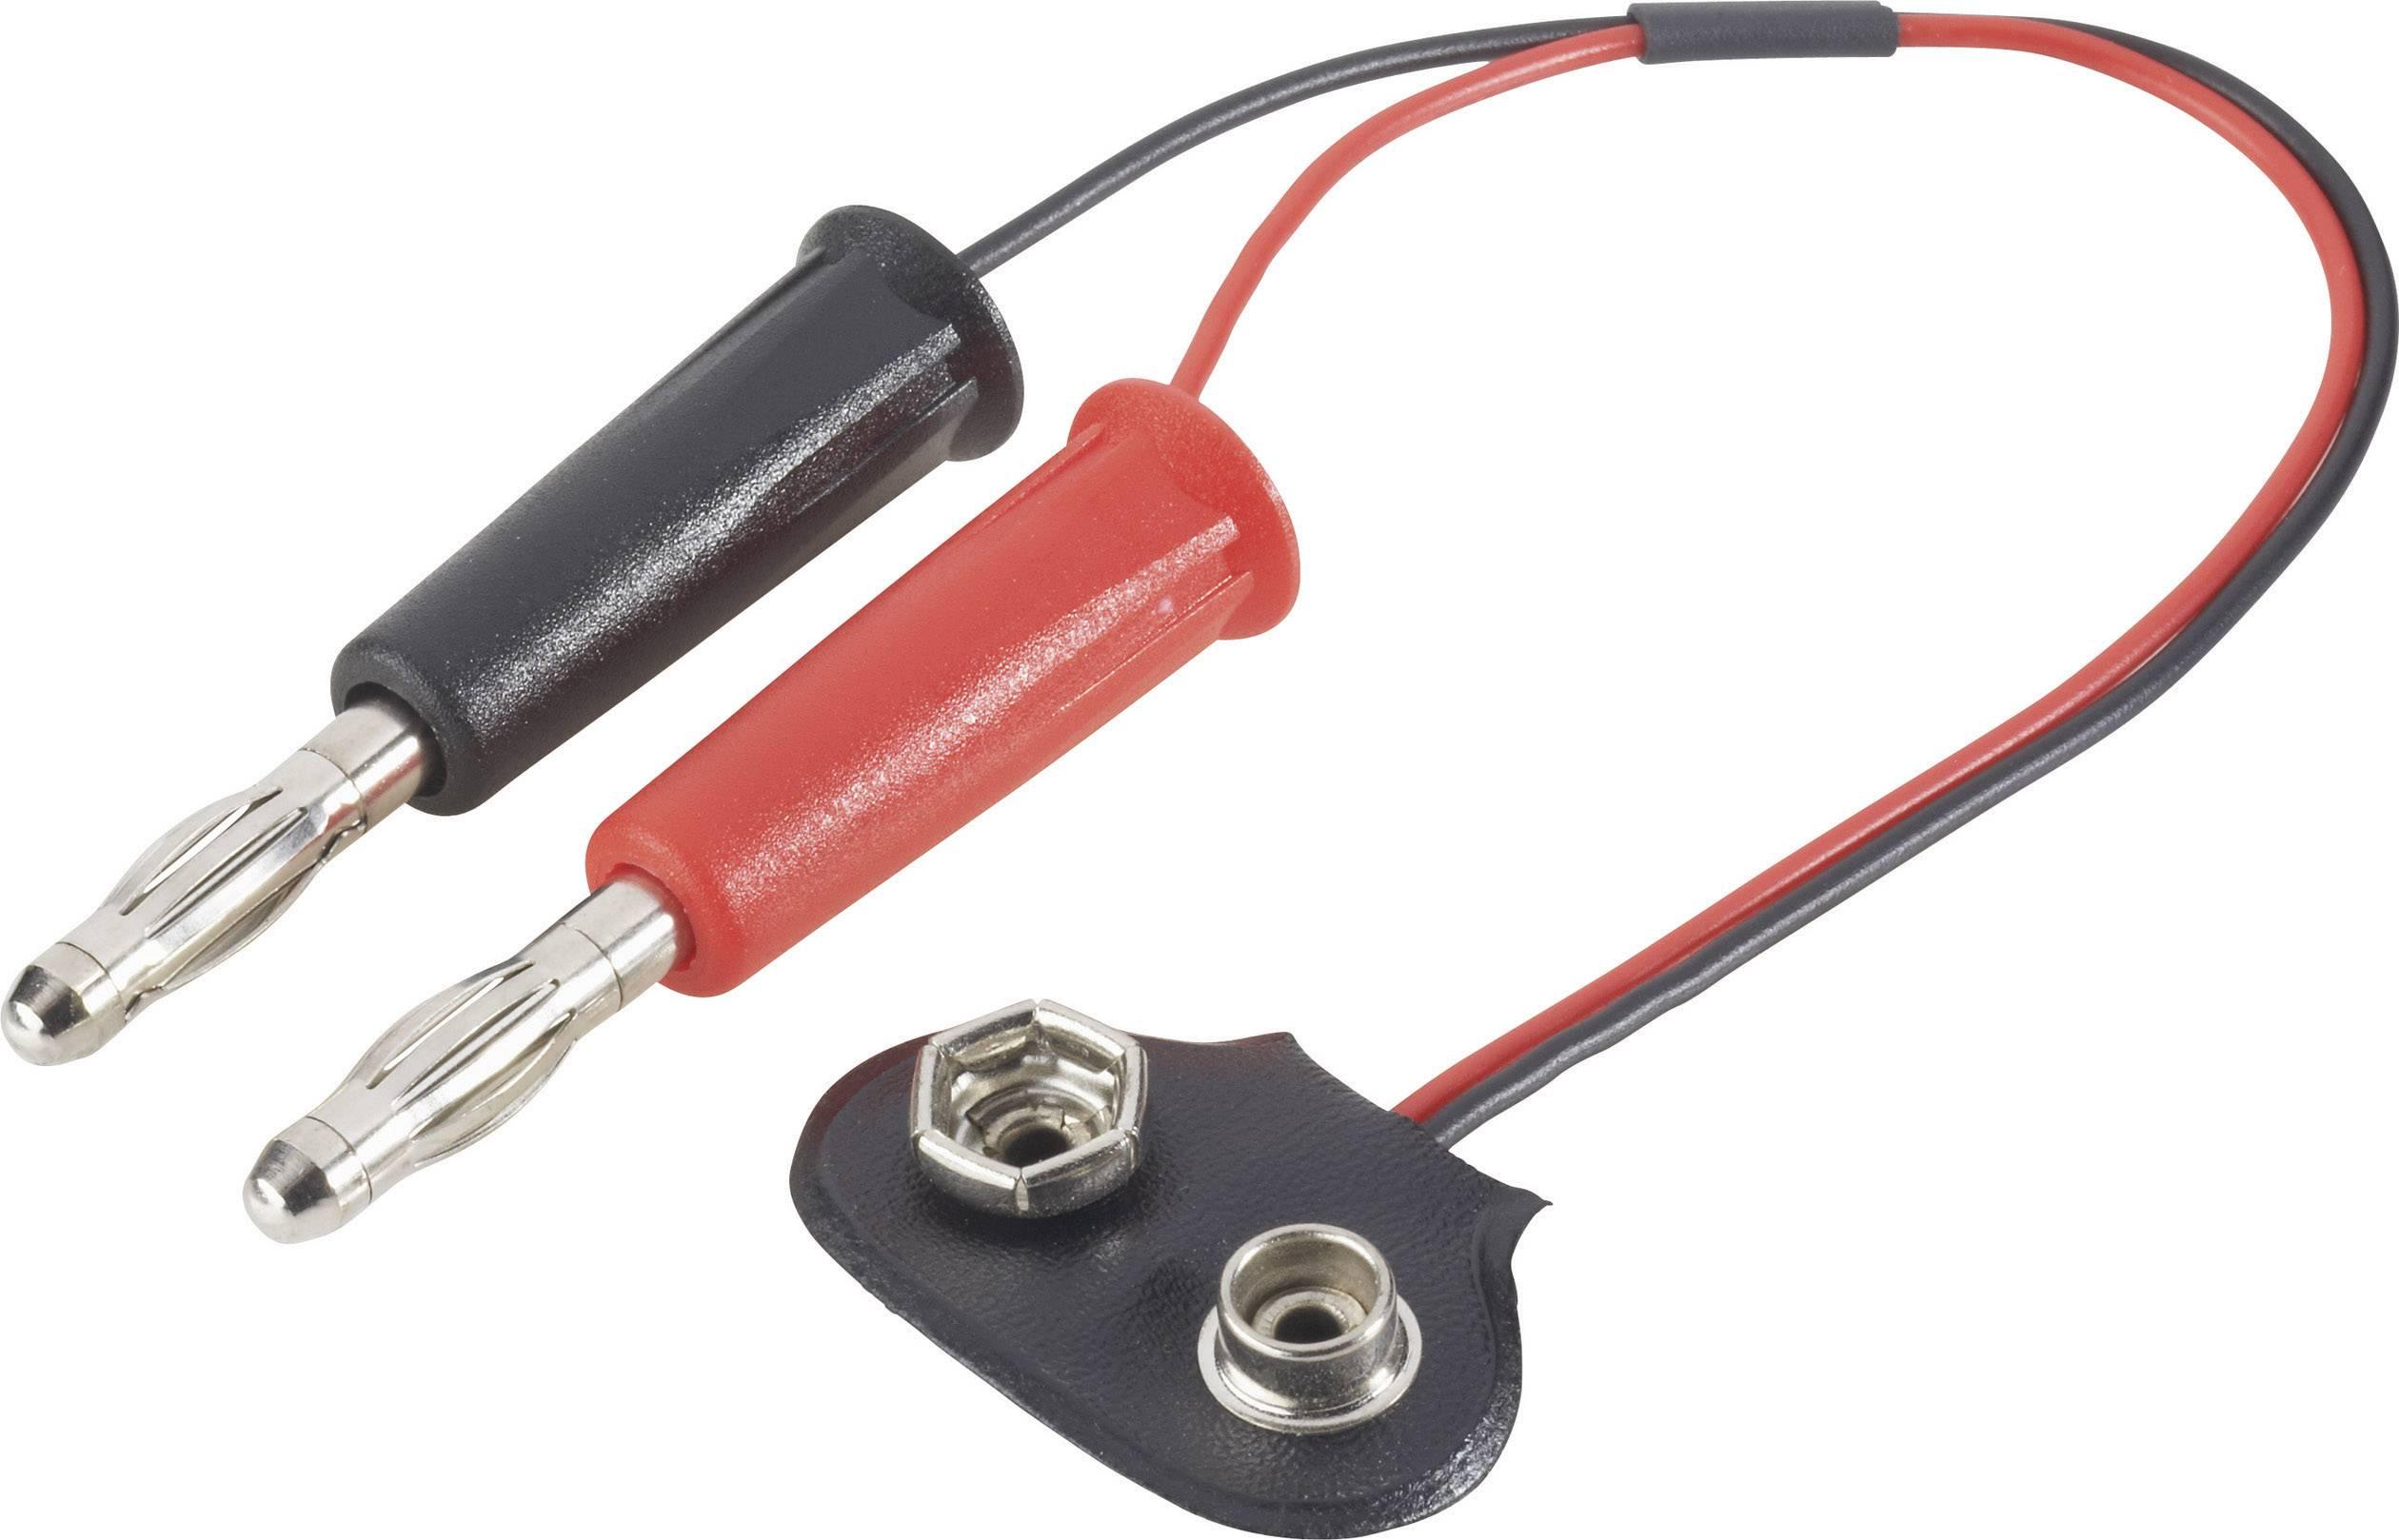 Nabíjecí kabel Modelcraft 208286, [2x banánková zástrčka - 1x ], 250 mm, 0.25 mm²